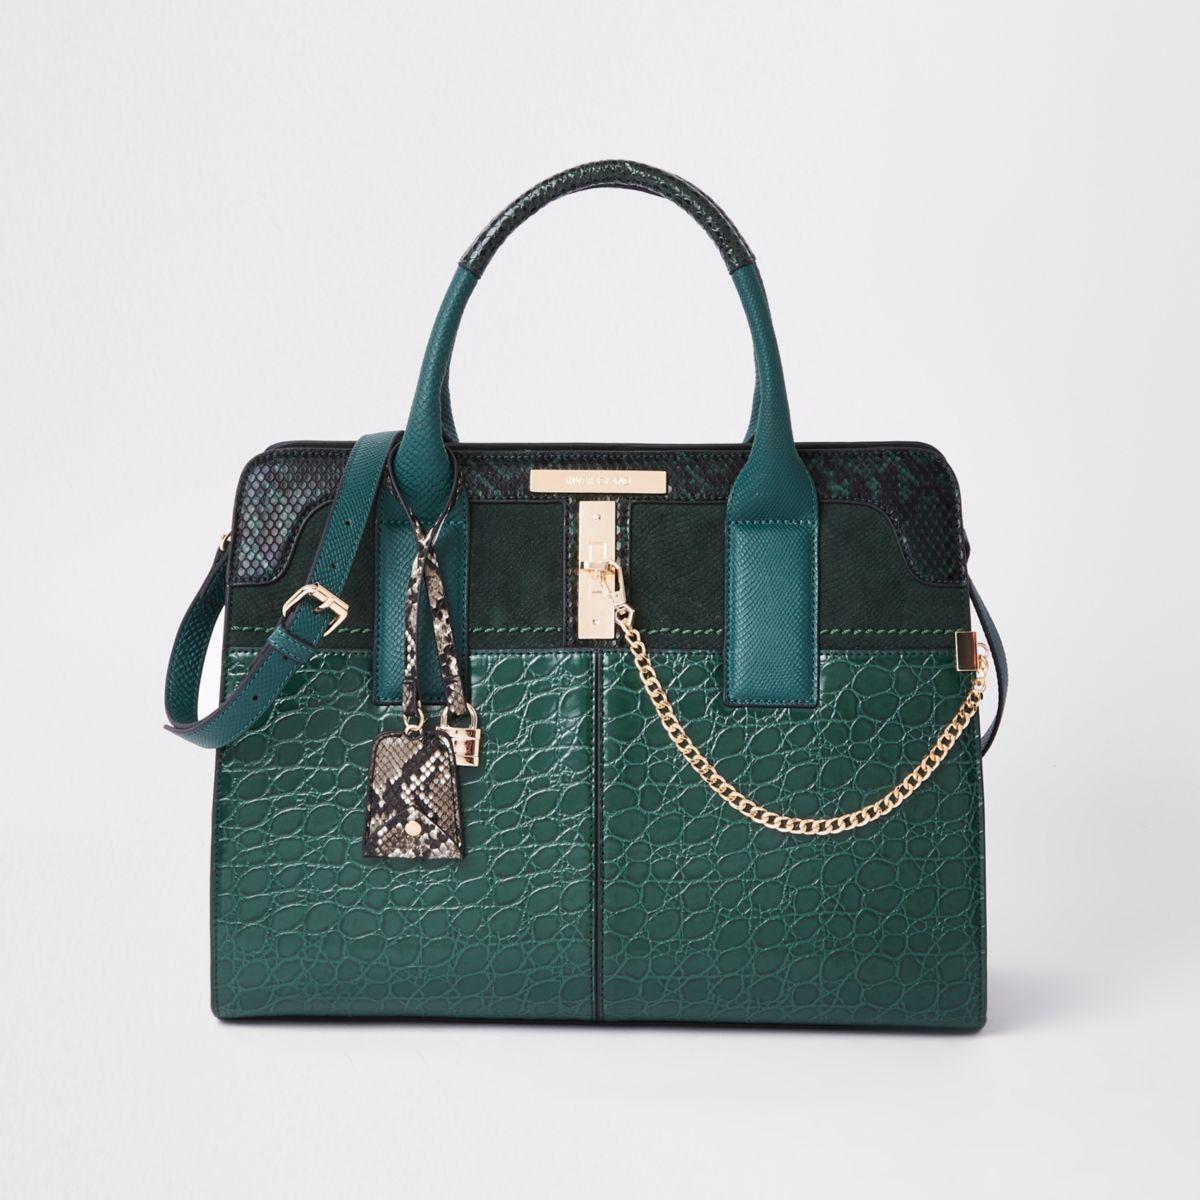 Dark green croc embossed tote bag